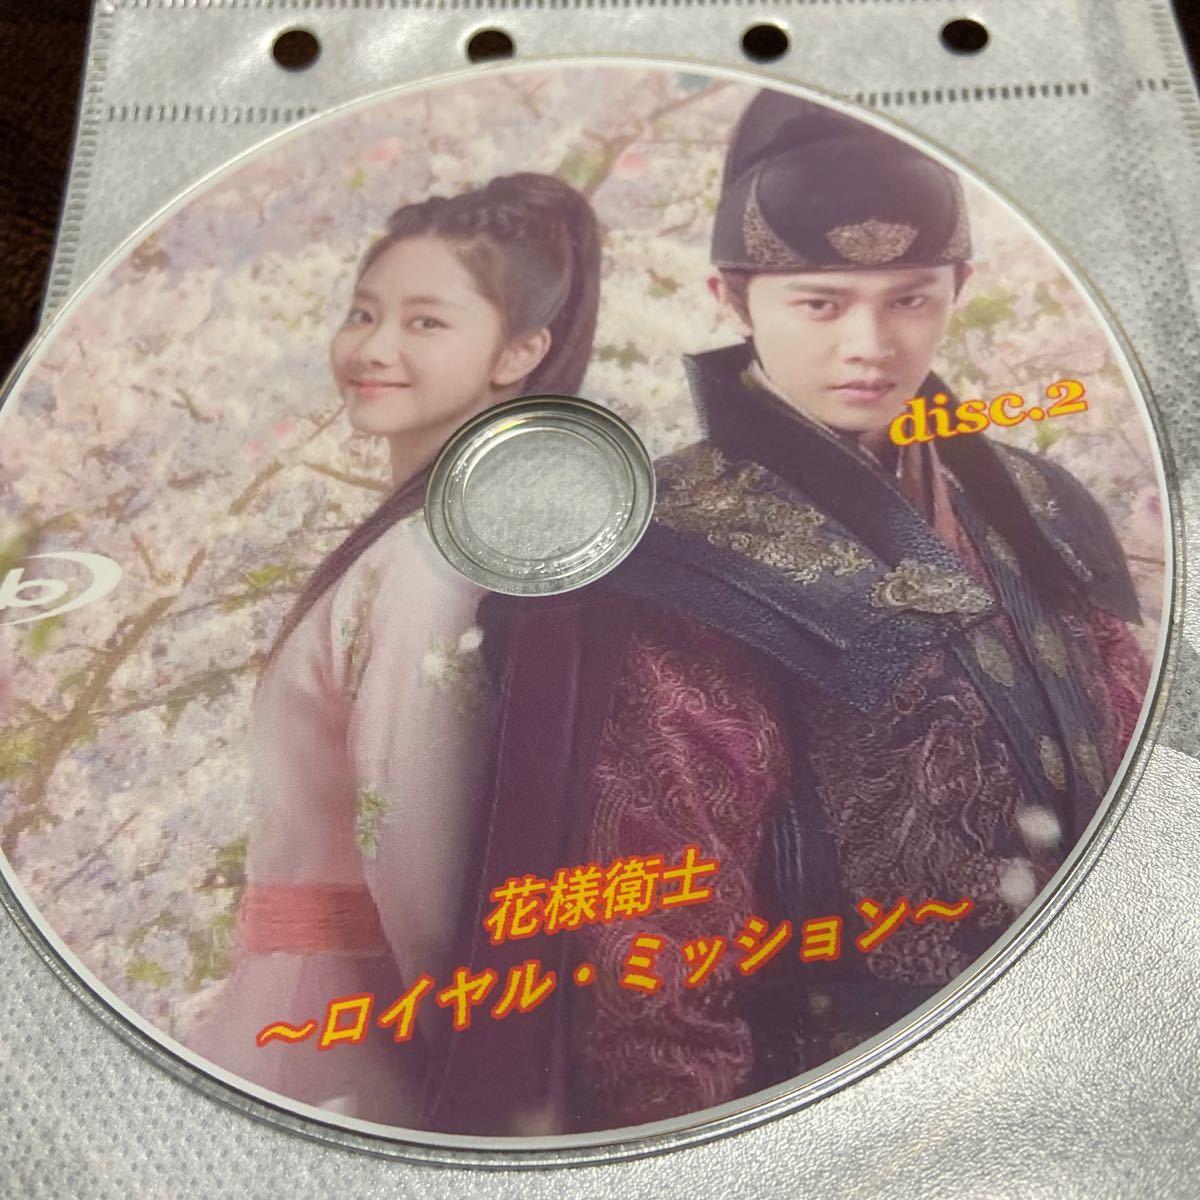 中国ドラマ 花様衛士 ロイヤルミッション